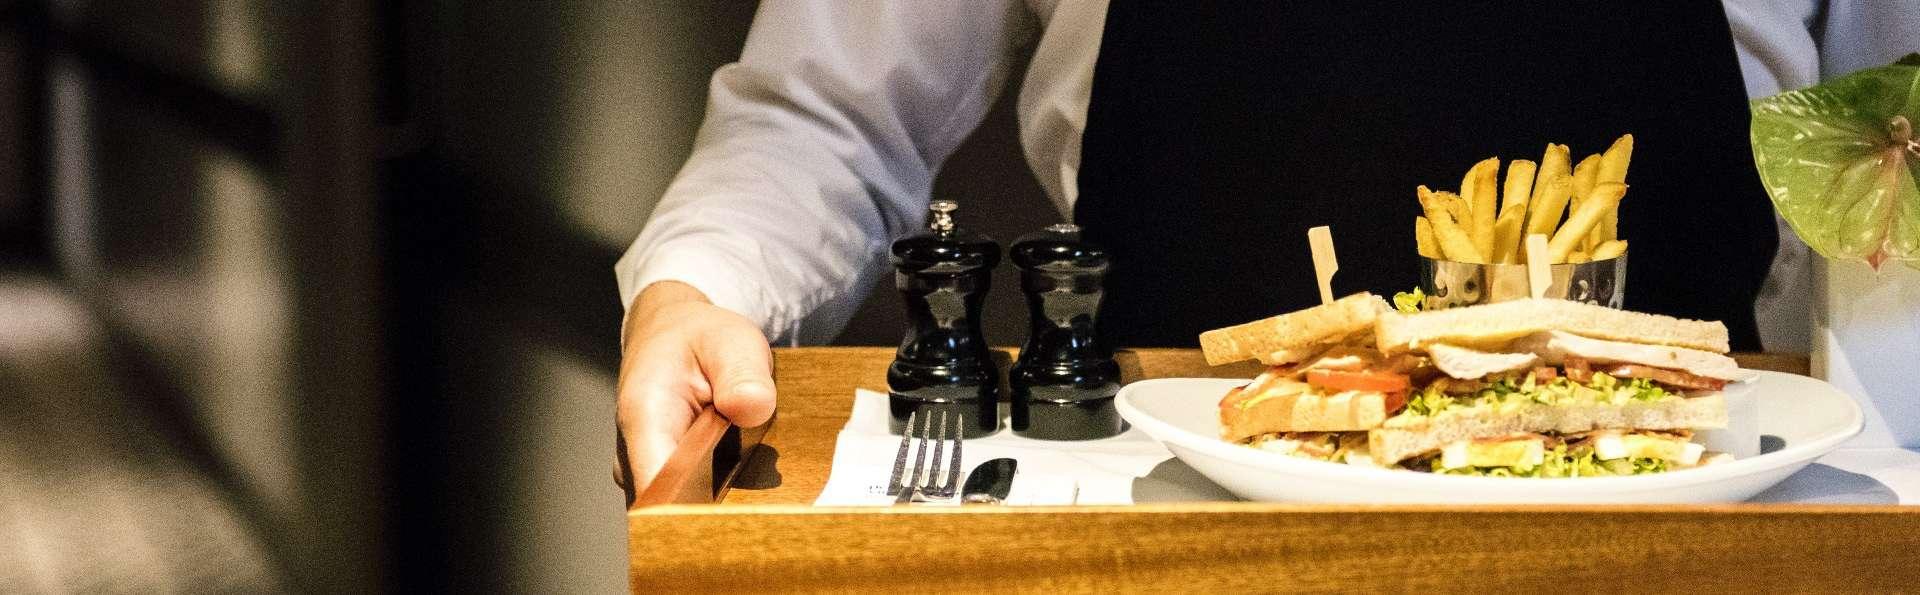 Séjour dans un hôtel design à Bordeaux avec dîner en chambre